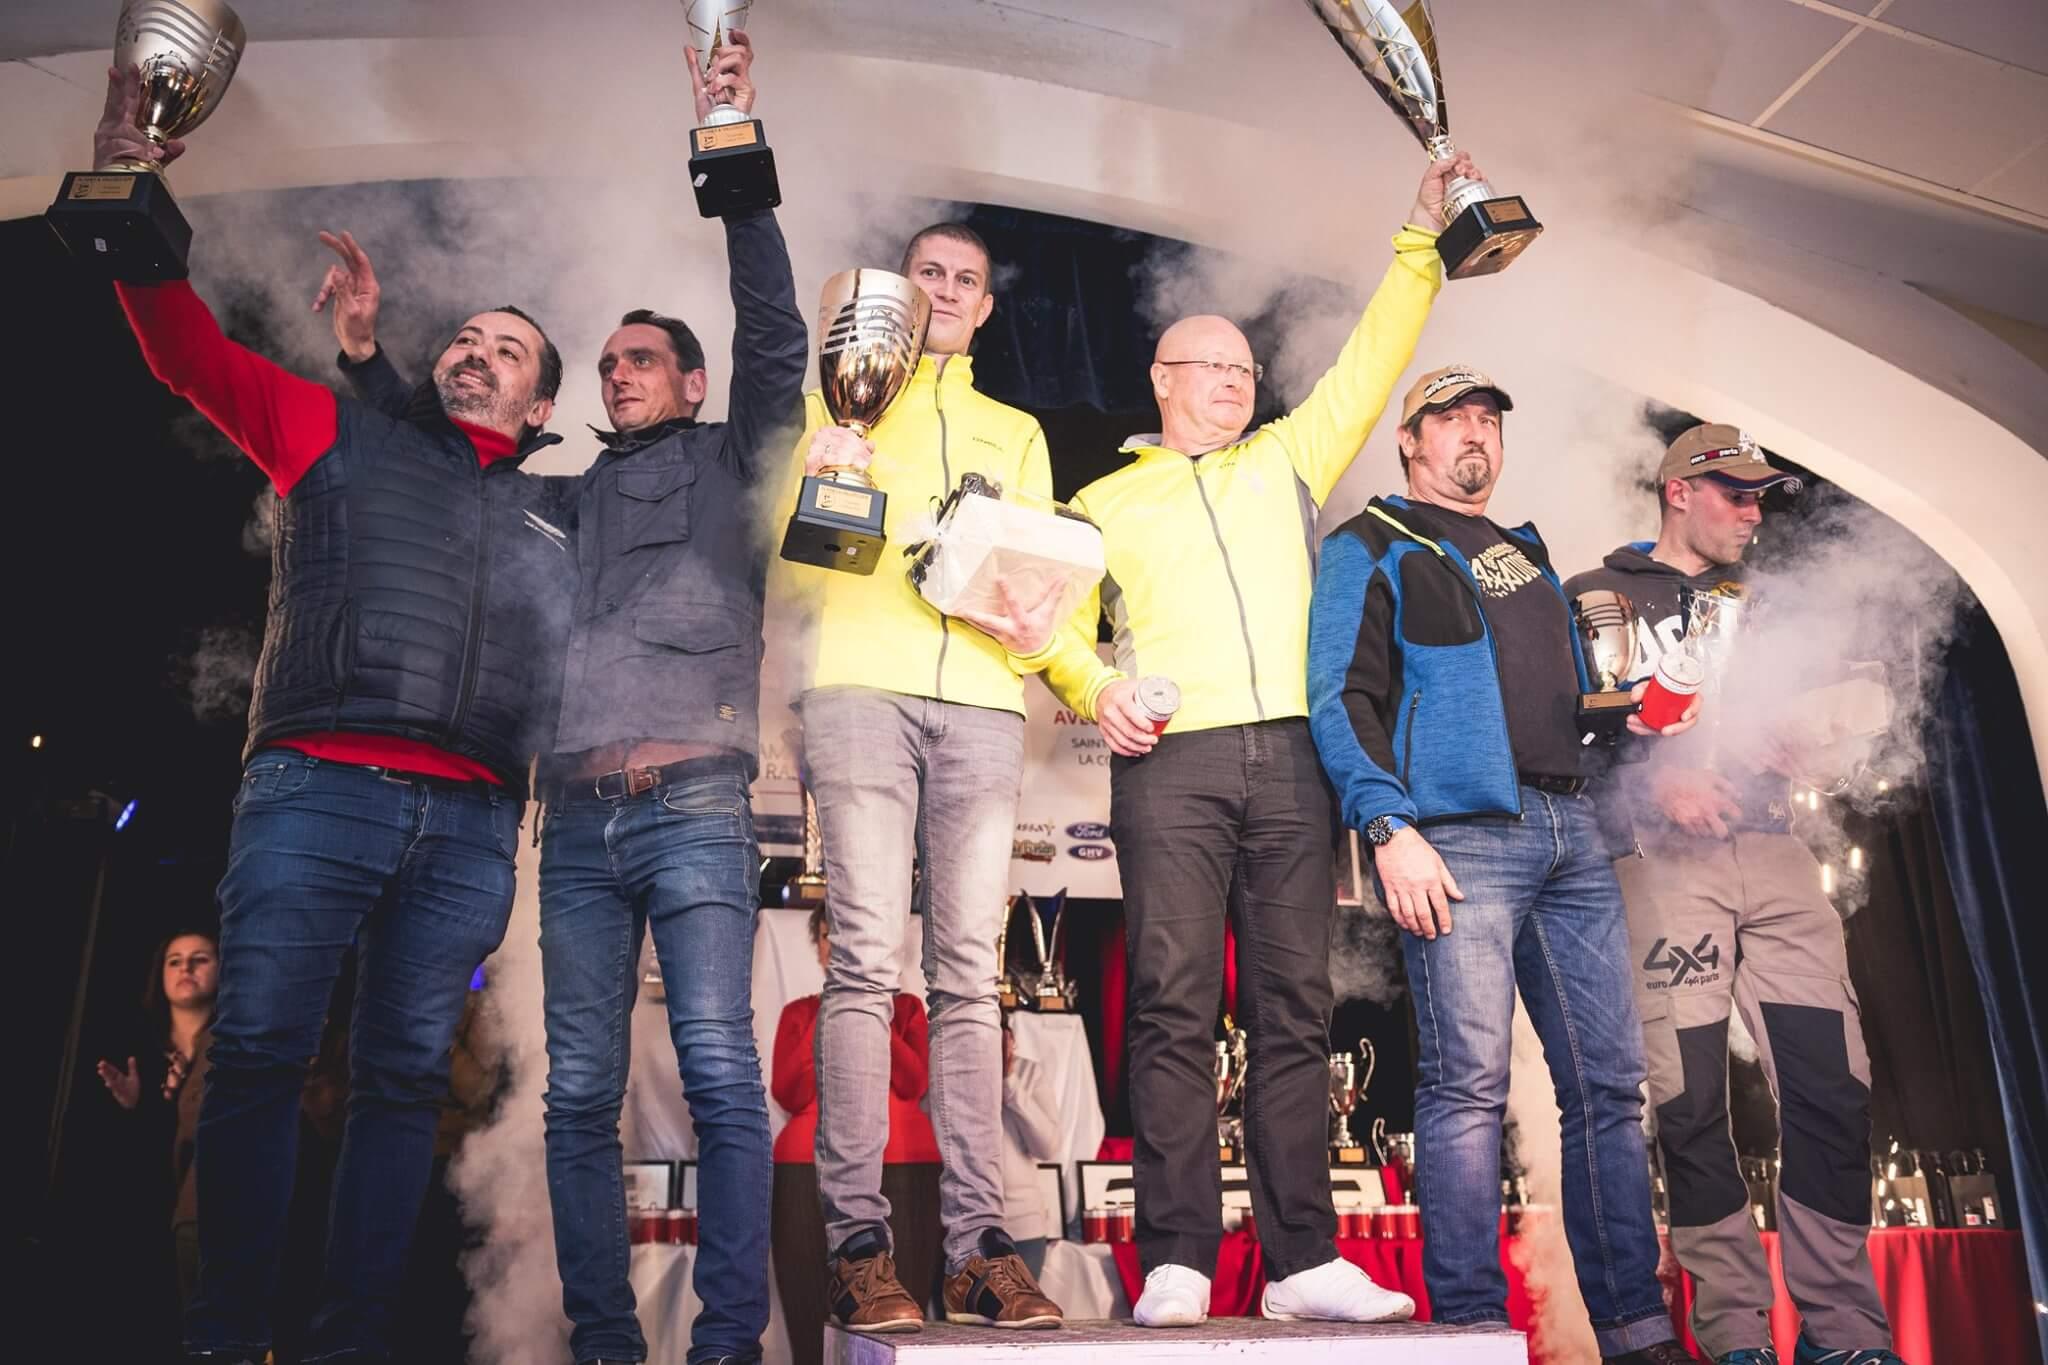 podium remise des prix vainqueurs concurrents 2019 rallye TT plaines et vallées normandie asaca championnat de france tout-terrain